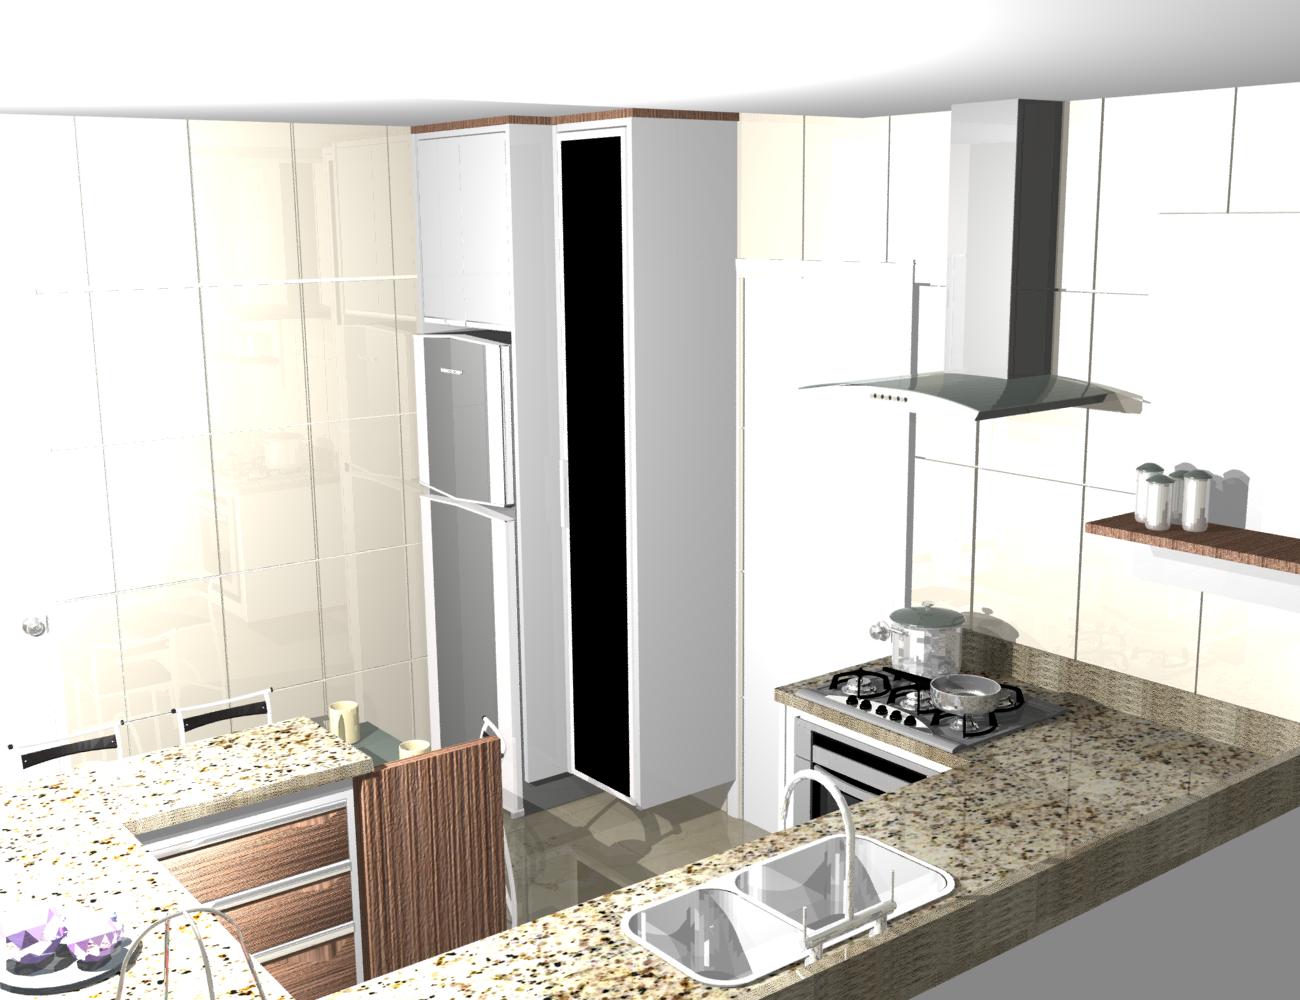 #6E408B  para cozinhas pias para cozinhas revestimento para cozinhas cozinhas 1300x1000 px Normas Para Projeto De Cozinha De Restaurante_3820 Imagens